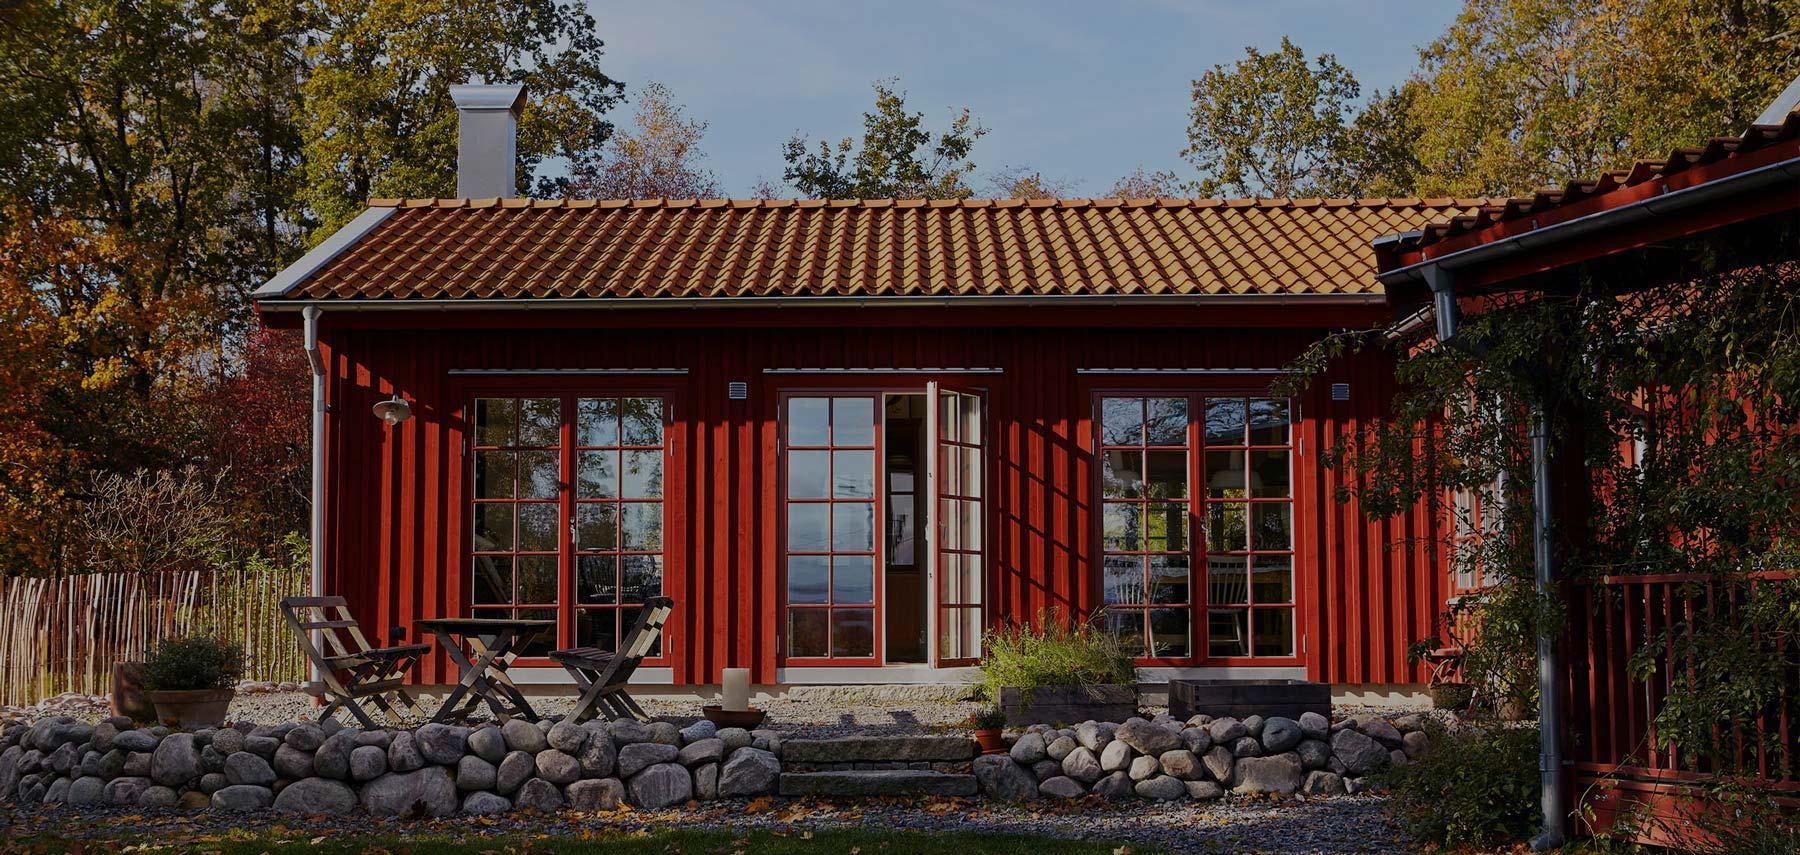 Lingbo topp - rött hus med stora fönster